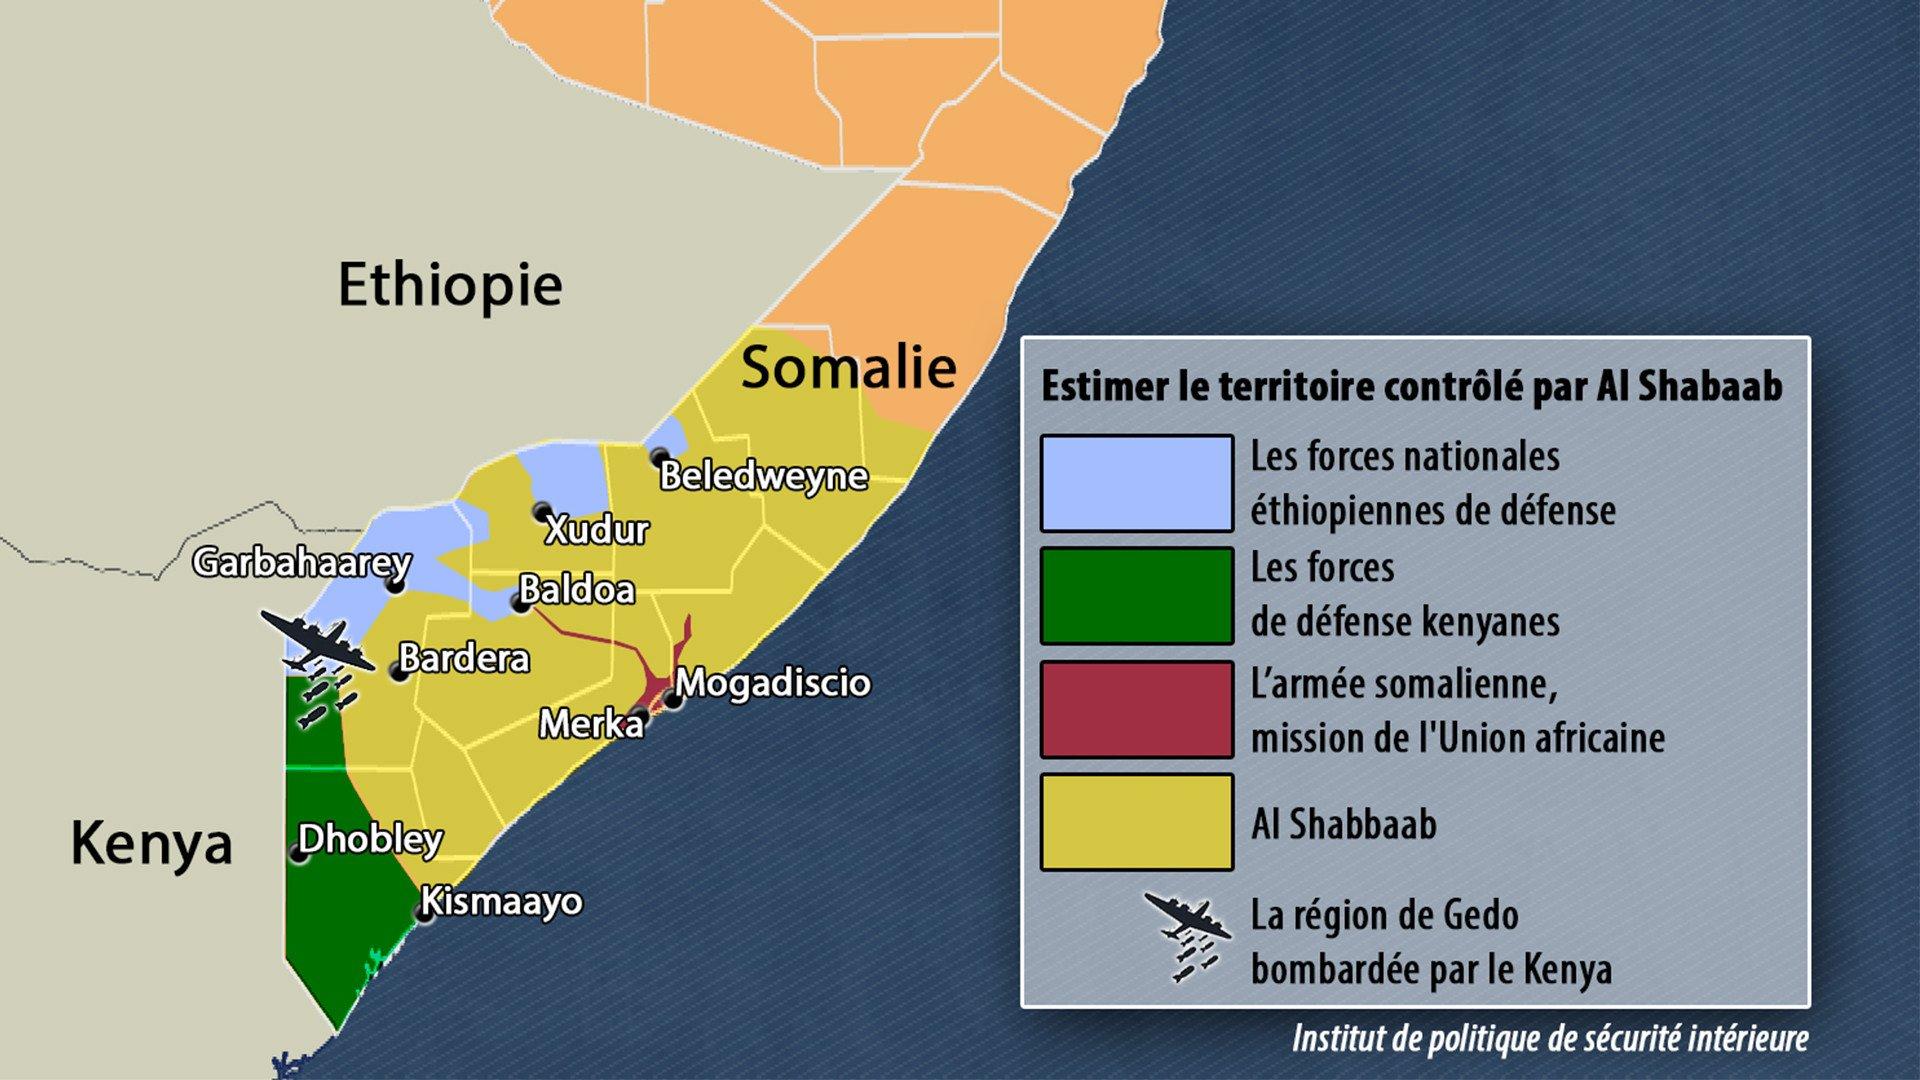 Estimer le territoire contrôlé par Al Shabbaab